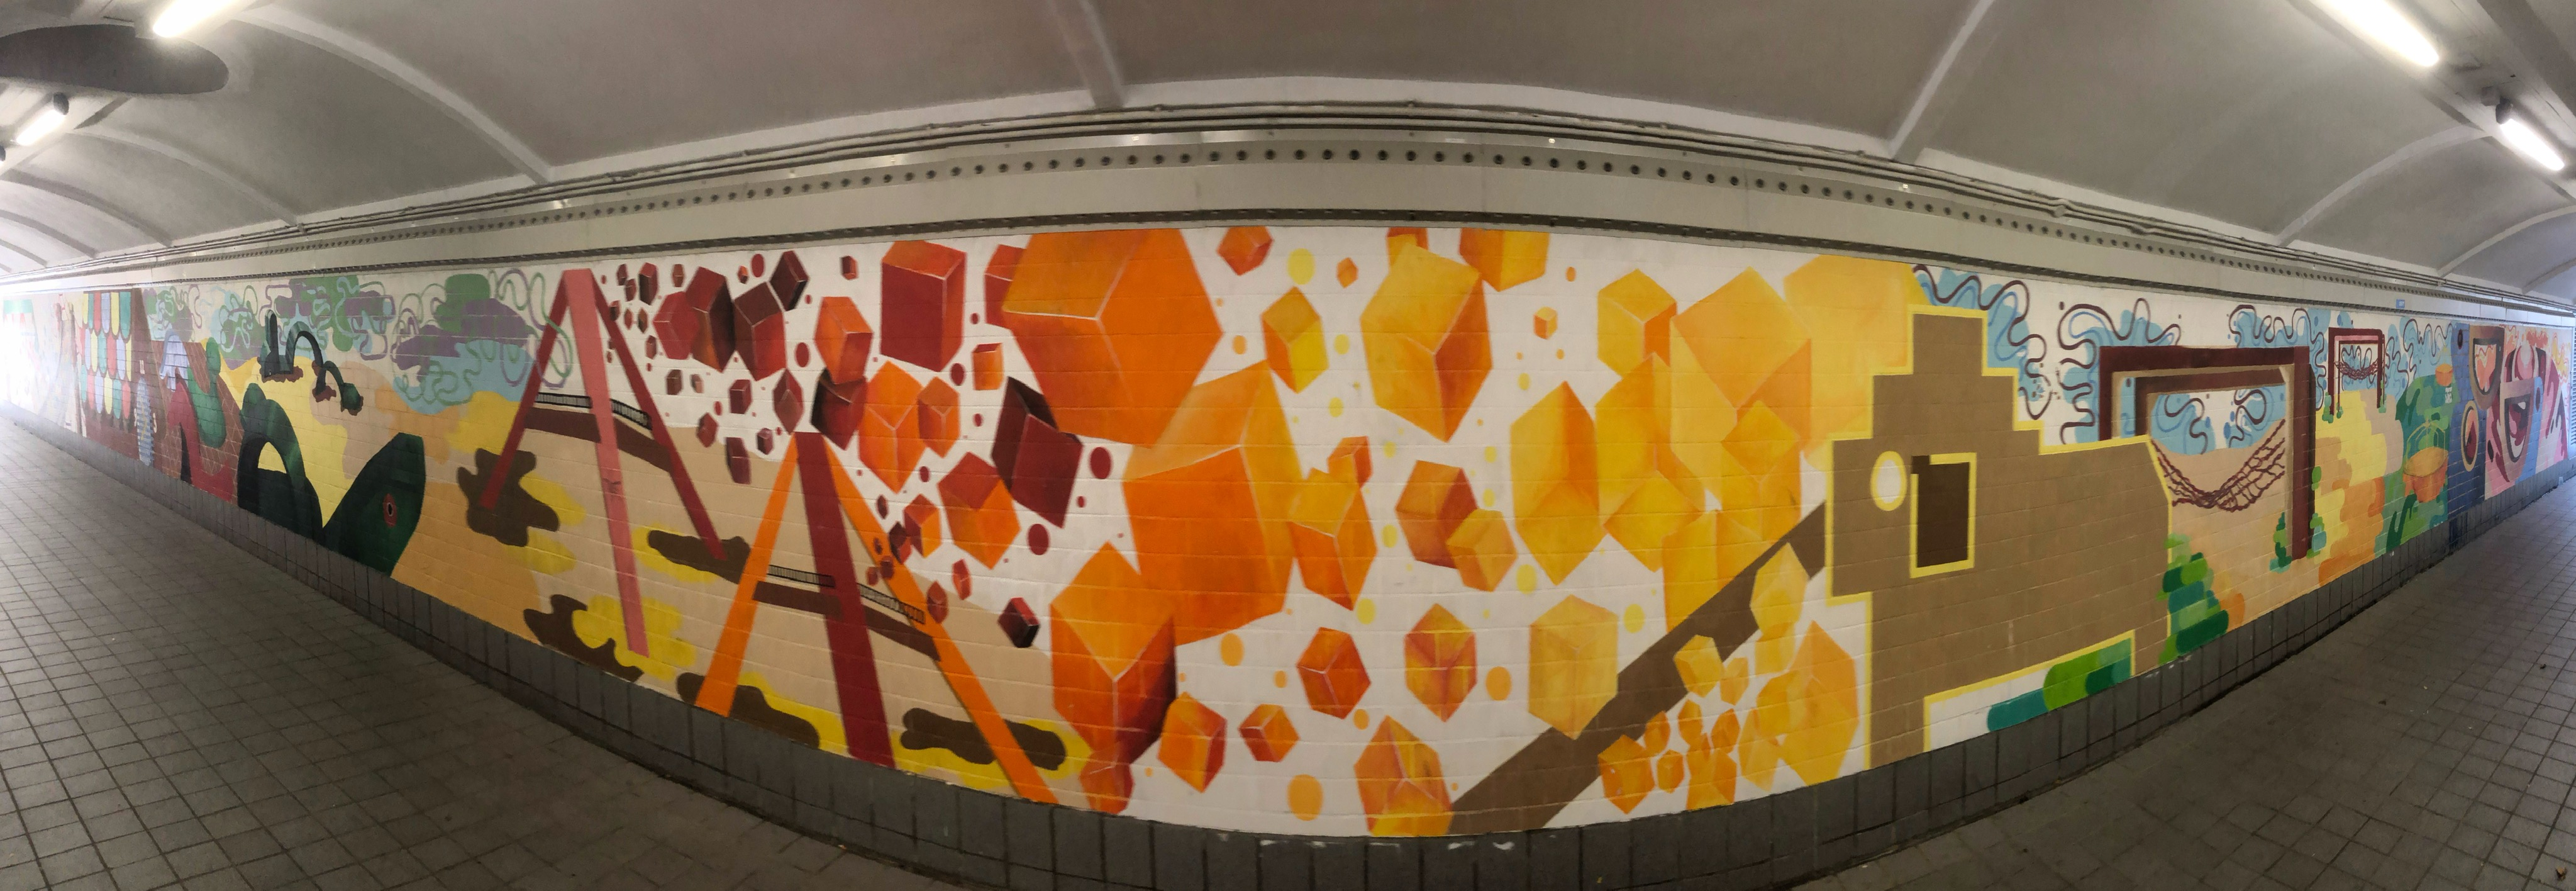 Underpass murals along Singapore River